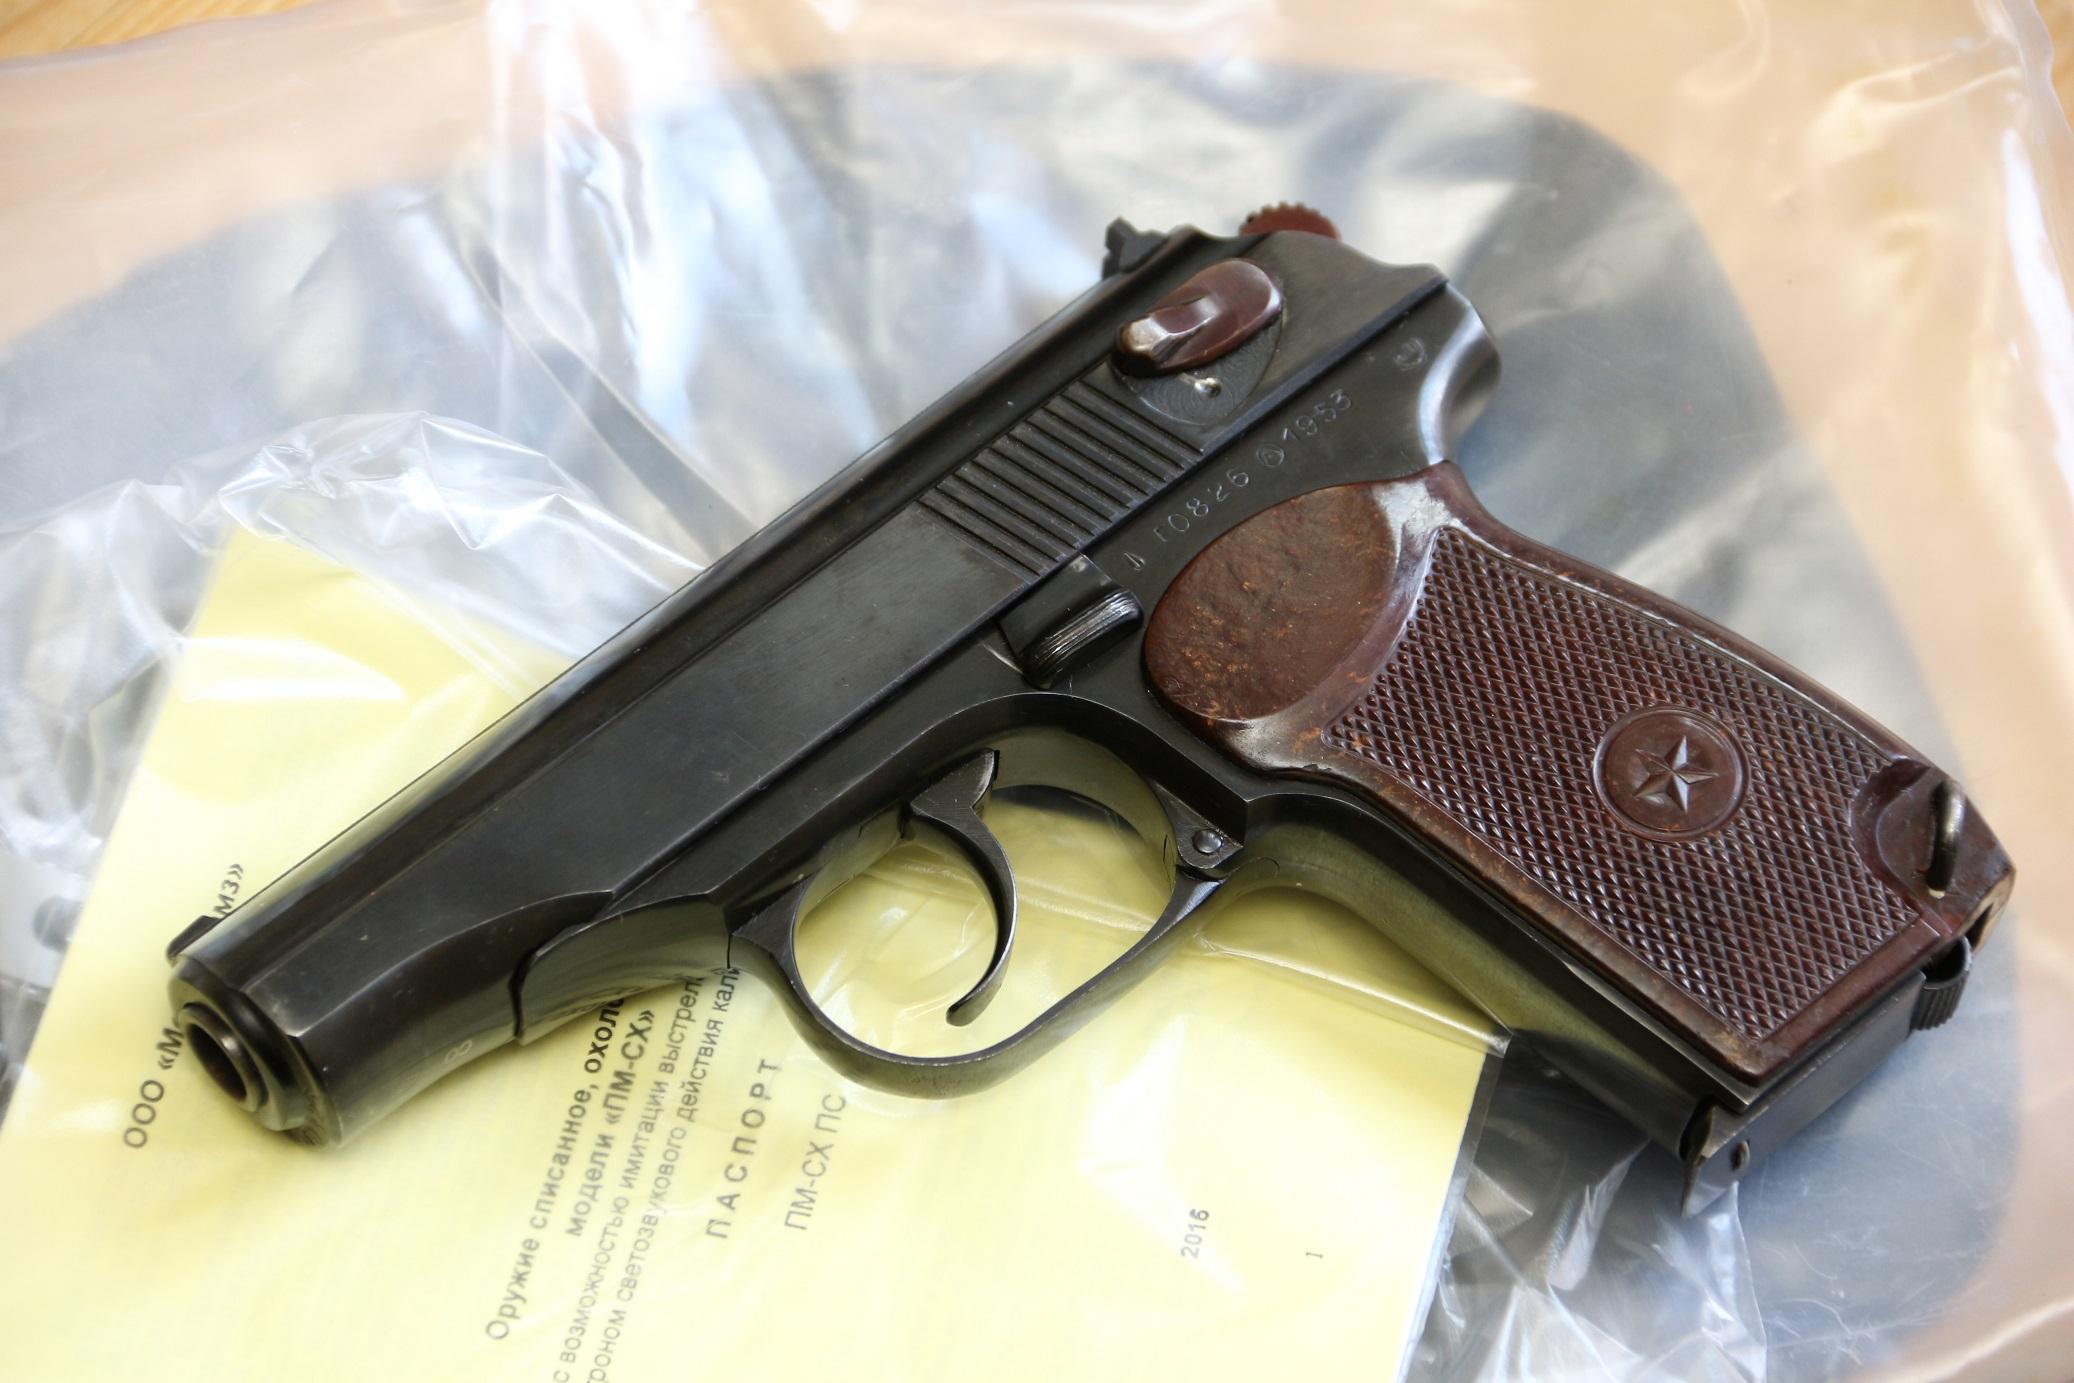 Охолощенный пистолет Макарова ПМ-СХ 1953 года №ГО826, складской